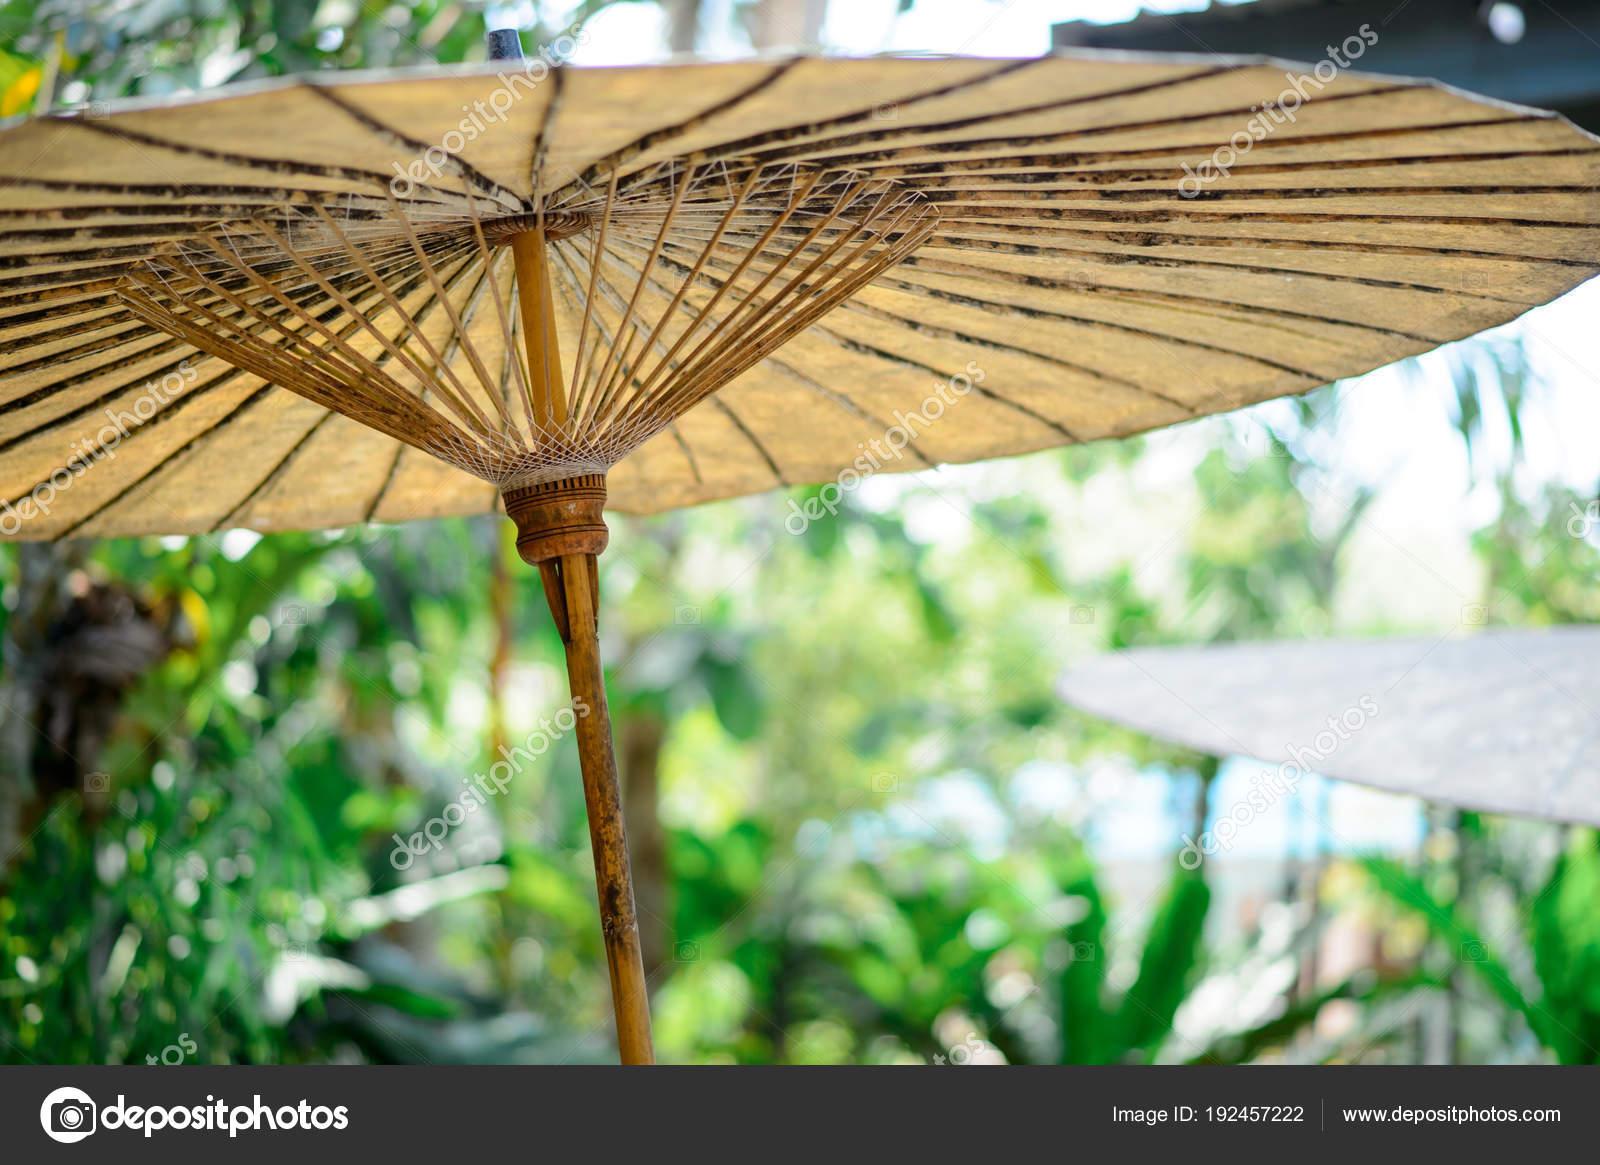 ofertas exclusivas venta caliente unos dias Paraguas de bambú — Foto de stock © sueb4830 #192457222